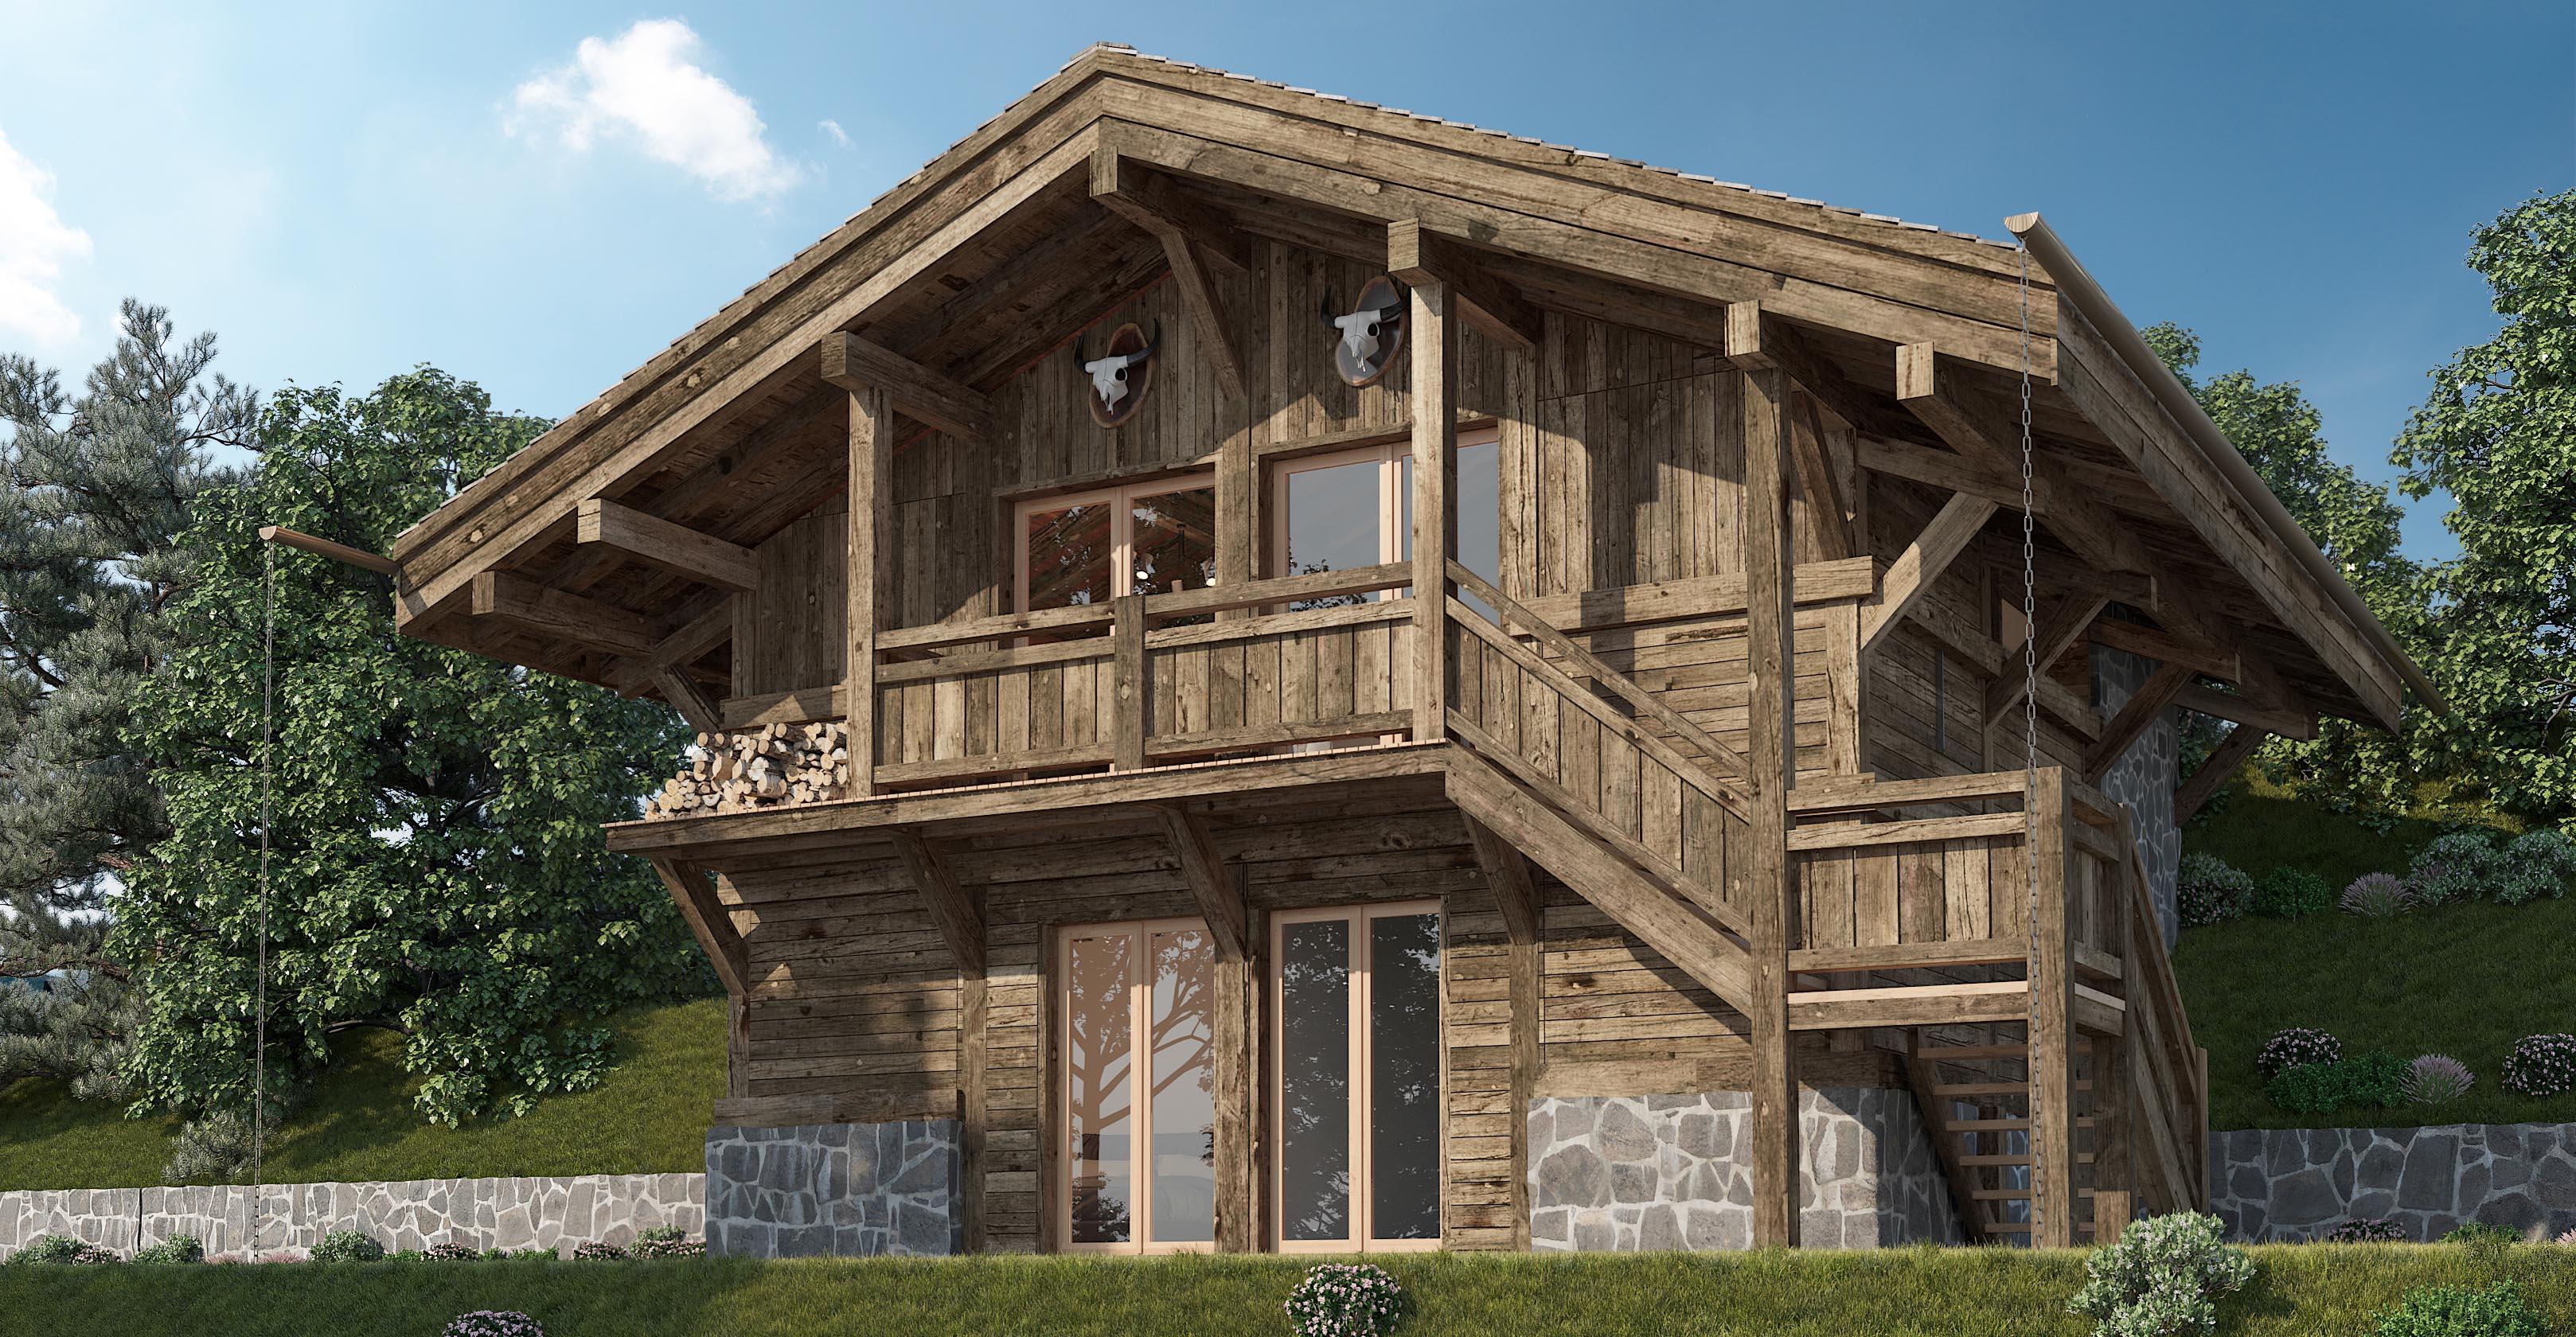 Chalet Maya Chalet, Switzerland